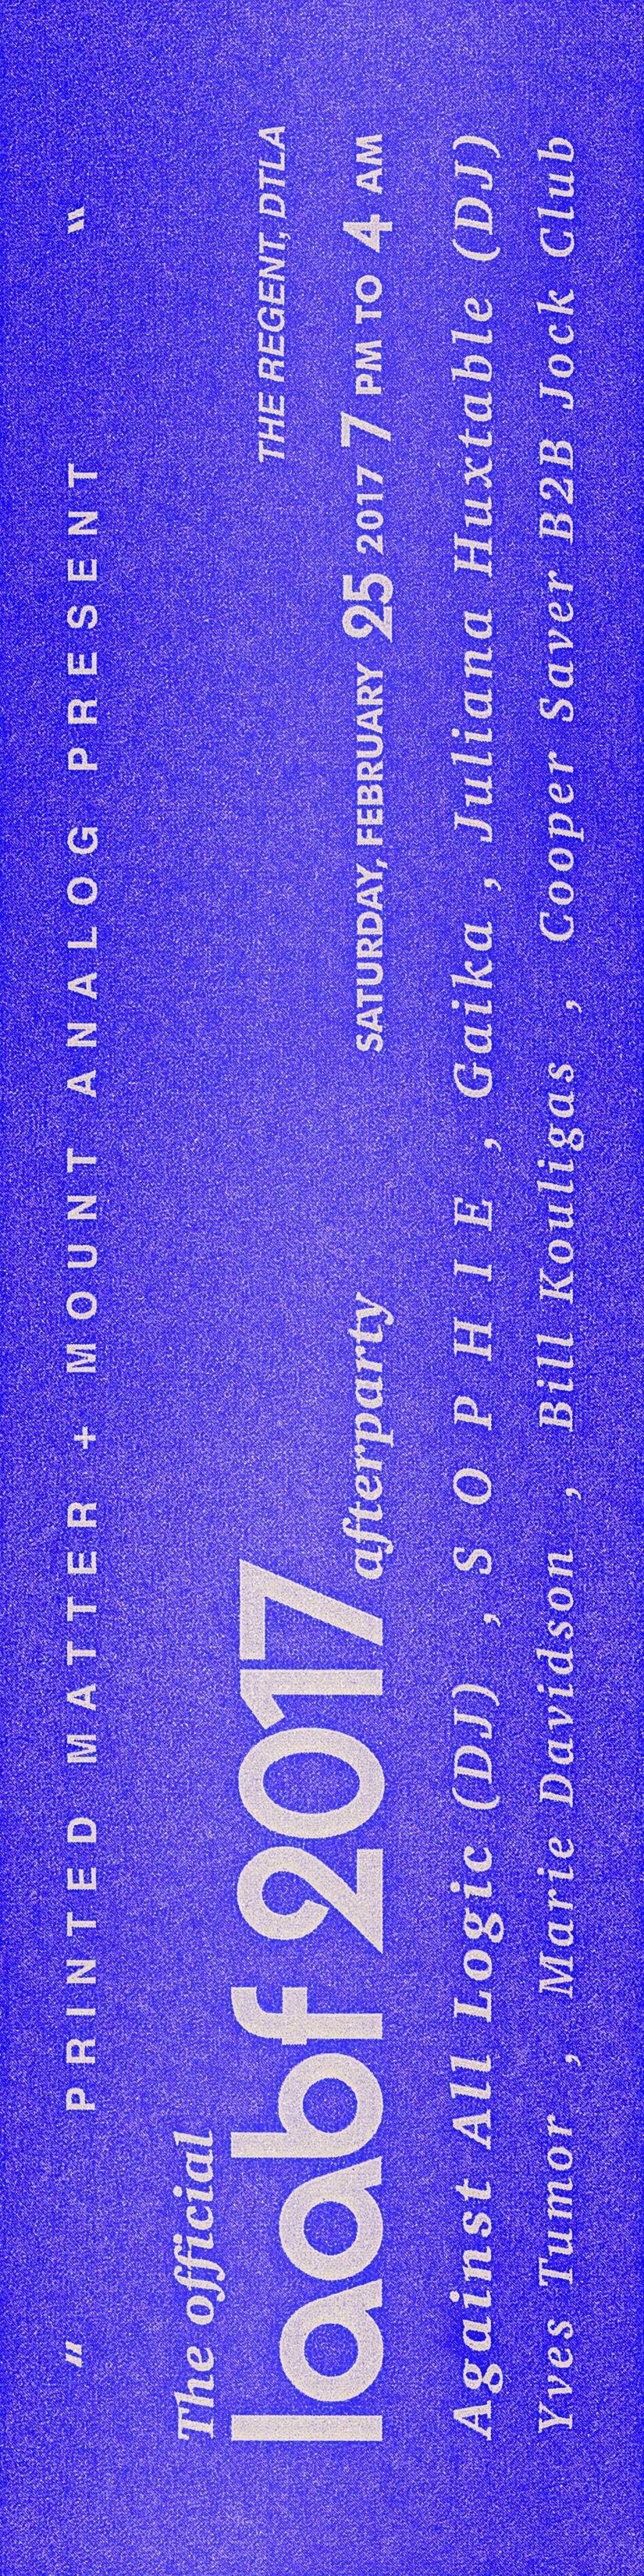 LAABF-v4-handbill-high-res_825.jpg